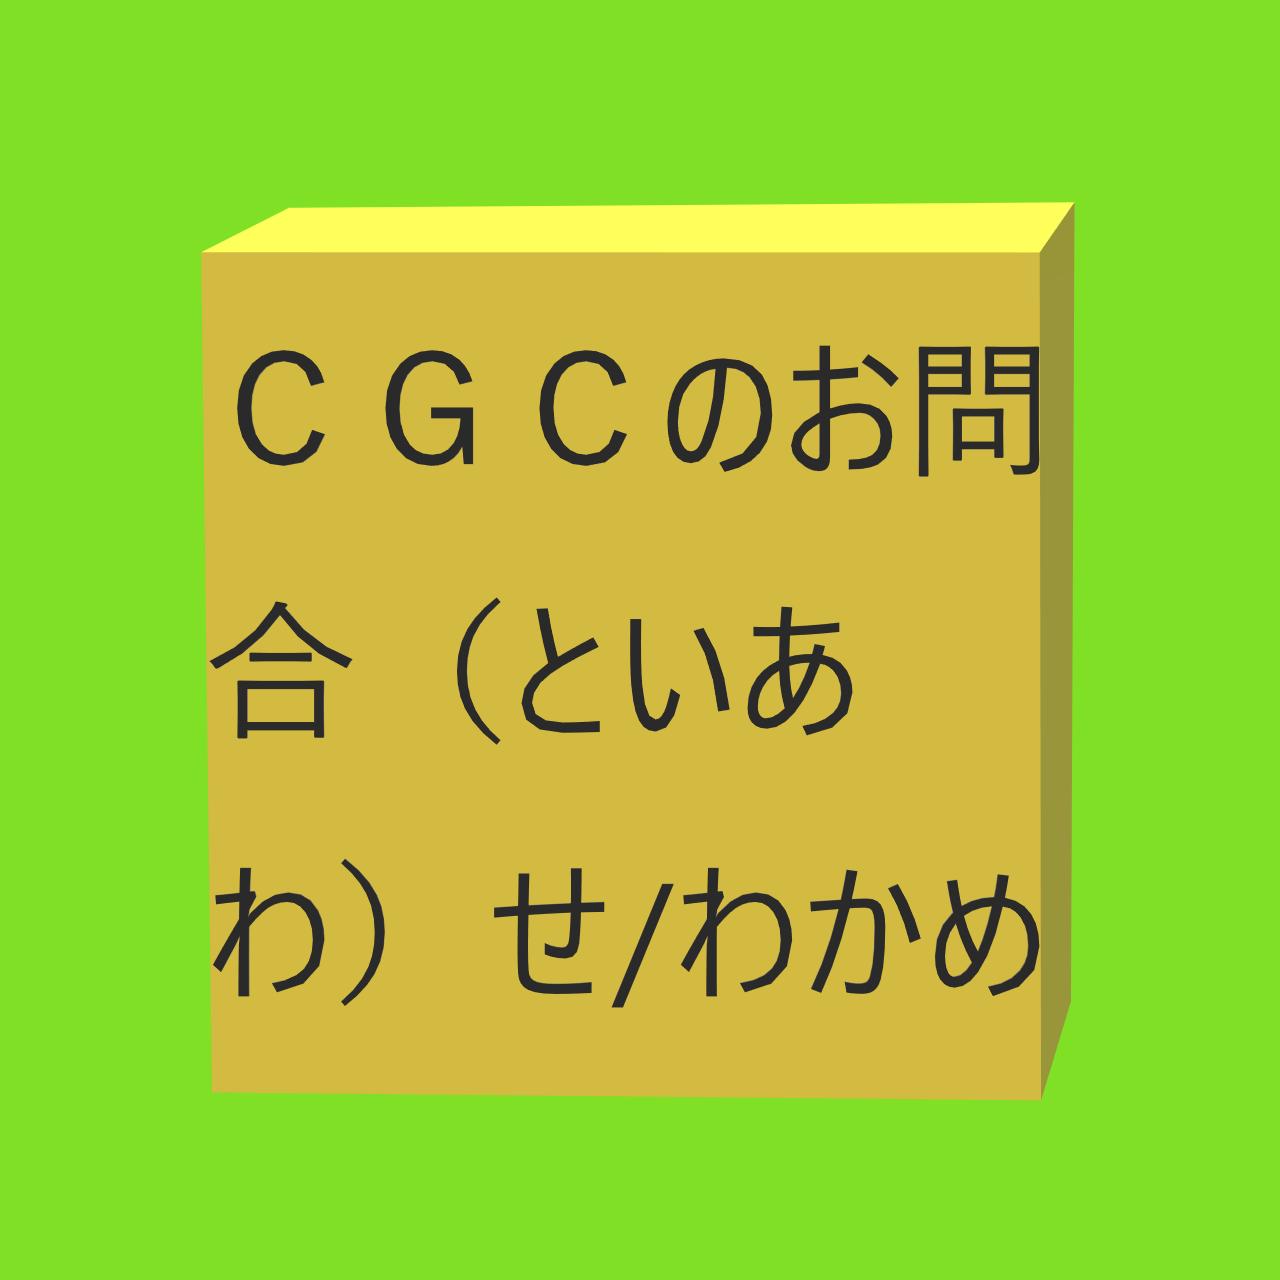 CGCのお問合(といあわ)せや、わかめ、CGCグループや外袋(そとぶくろ)の背面(はいめん)、CGCとはやCGC商品(しょうひん)にかかる画像(がぞう)